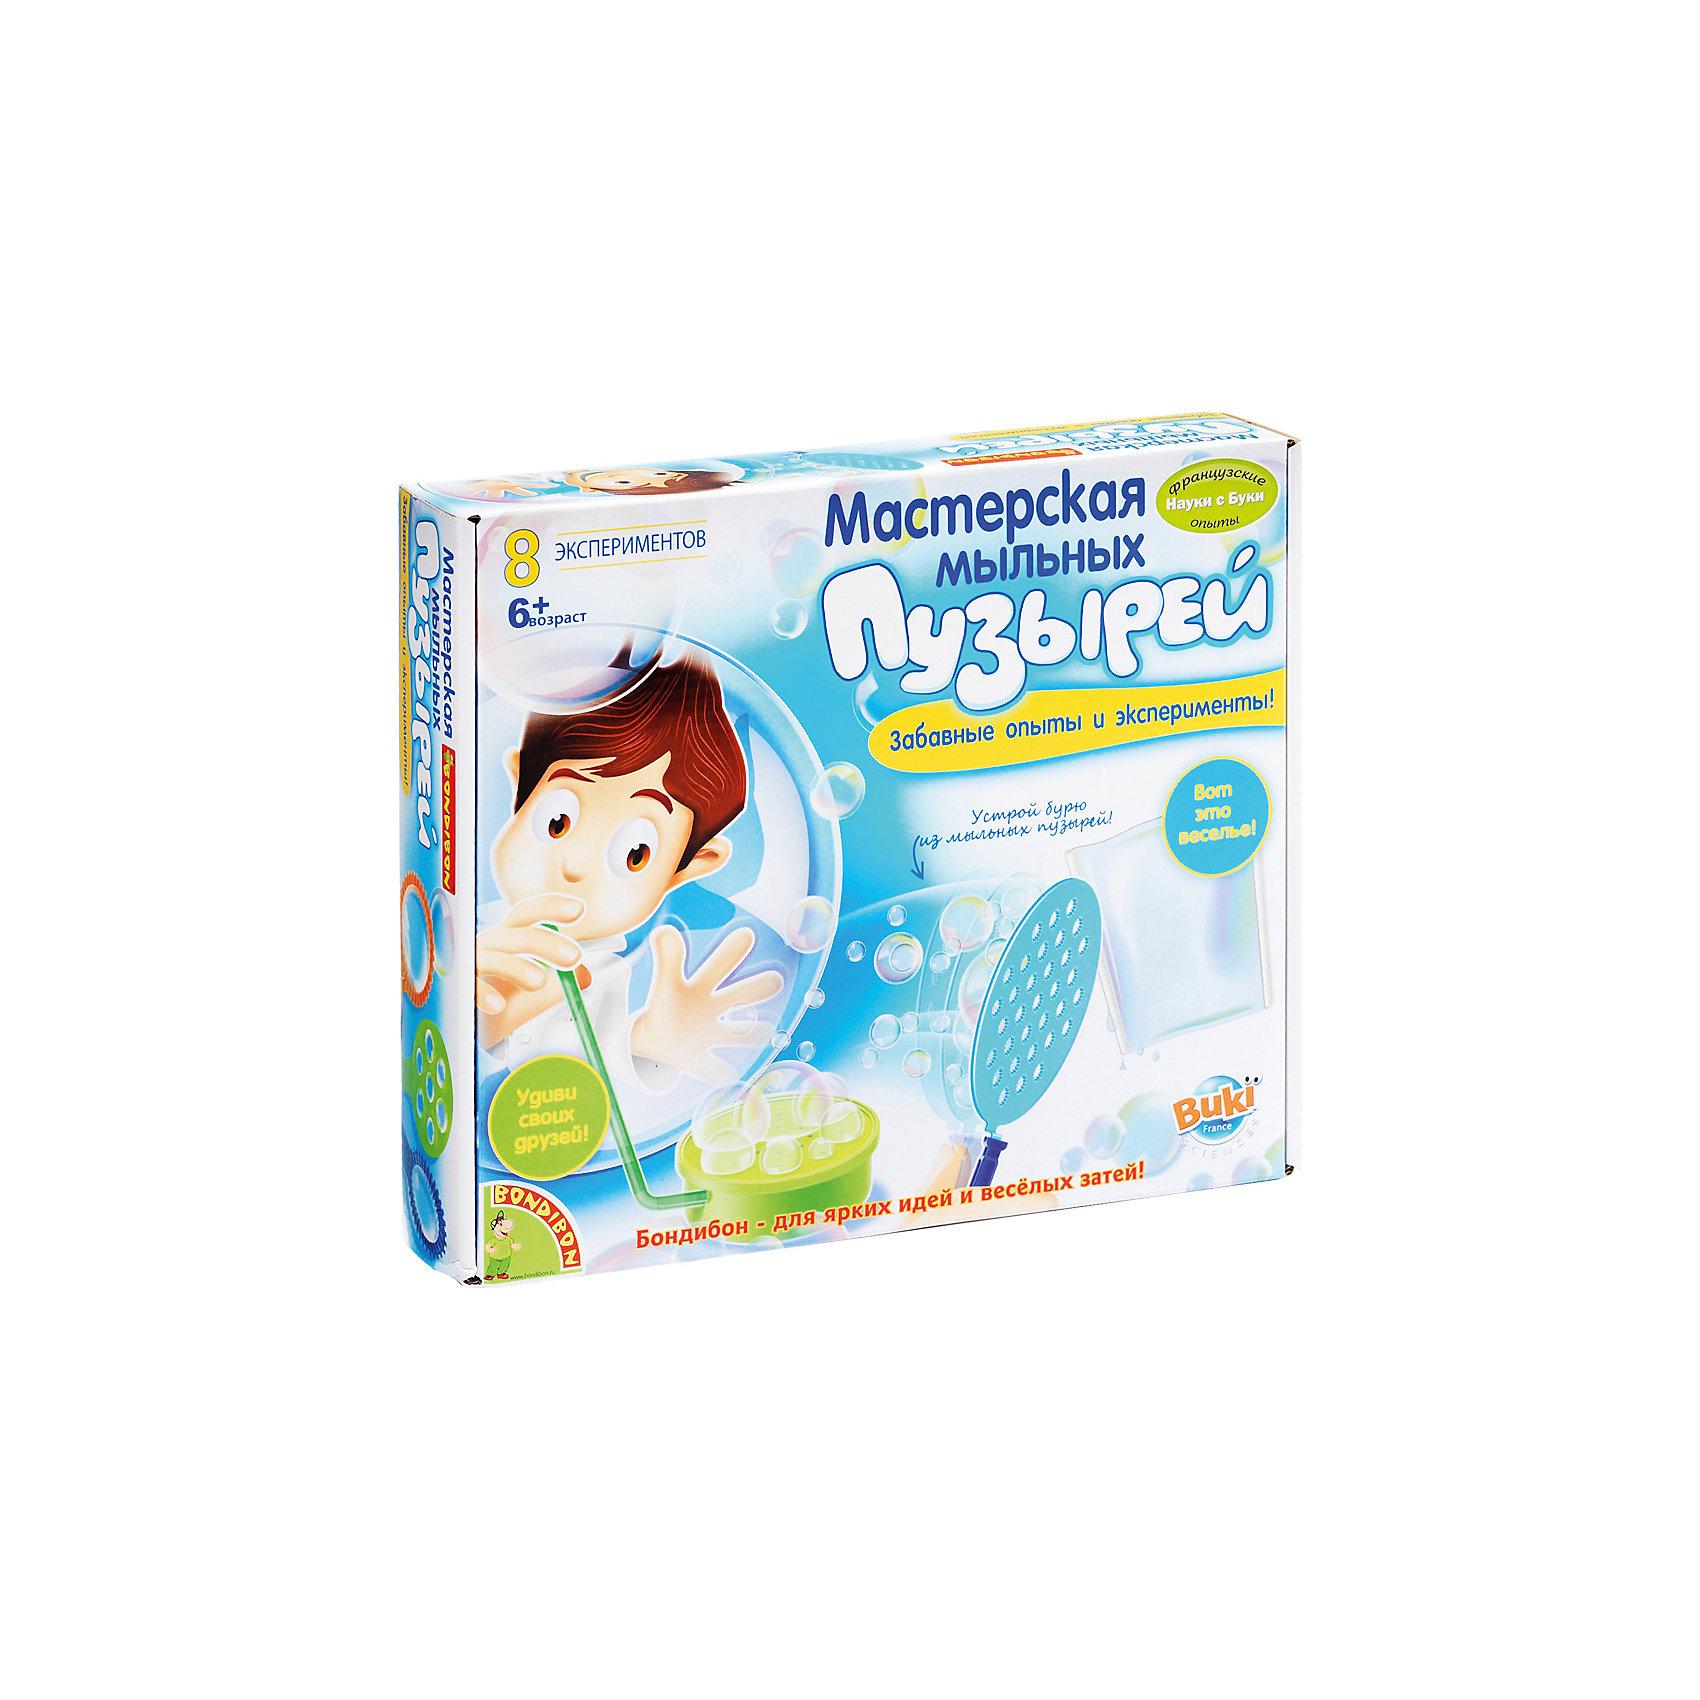 Французские опыты Мастерская мыльных пузырей (8 экспериментов)Создание мыла<br>Надувать мыльные пузыри любят даже взрослые, что уж говорить о детях! Чистые, воздушные, завораживающие – они способны поднять настроение даже в самый пасмурный день. Только сделай глубокий выдох! А как было бы здорово продлить это удовольствие как можно дольше... С Мастерской мыльных пузырей торговой марки  Bondibon такая возможность есть! Даже неизвестно, кому эта игра больше понравится – Вам или Вашему ребенку. Пузыри  могут быть не только в форме шариков, но еще и кубиков, могут вытягиваться и сжиматься, выдуваться группами и так далее. В игровой набор входит бесперебойный конвейер по производству разнообразных мыльных пузырей. Ребенку достаточно освоить несколько простых движений, и он ощутит себя маленьким волшебником. Конвейер позволяет создавать целую бурю из мельчайших пузырей или надуть невероятно гигантский мыльный шар. Всего же с мыльными пузырями можно проводить 8 разных экспериментов. В состав набора входят большой контейнер под мыльный раствор, рукоятка, двойная трубочка, бобина, пластиковые трубочки, трубочки для надувания пузырей, формочки, большой контейнер, воздушные шарики, рукоятка, небольшой аквариум, красочная инструкция с помощью, которой узнает много интересного, разовьет интеллект, фантазию и воображение.<br><br>Дополнительная информация:<br><br>- возраст: от 6 лет<br>- пол: для мальчиков и девочек<br>- комплект: трубочки, шарики, формочки для выдувания, разнообразные аксессуары, инструкция.<br>- материал : пластик, резина.<br>- размер упаковки: 26.5 * 22.5 * 6 см.<br>- упаковка: картонная коробка.<br>- доступные эксперименты: буря из пузырей, он крутится, ты все увидишь дважды, маленькое джакузи, мыльный насос, необыкновенные формы, плоский пузырь, необычные палочки.<br>- страна обладатель бренда: Бельгия.<br><br>Французские опыты Мастерская мыльных пузырей торговой марки  Bondibon можно купить в нашем интернет-магазине<br><br>Ширина мм: 27<br>Глубина мм: 6<br>В